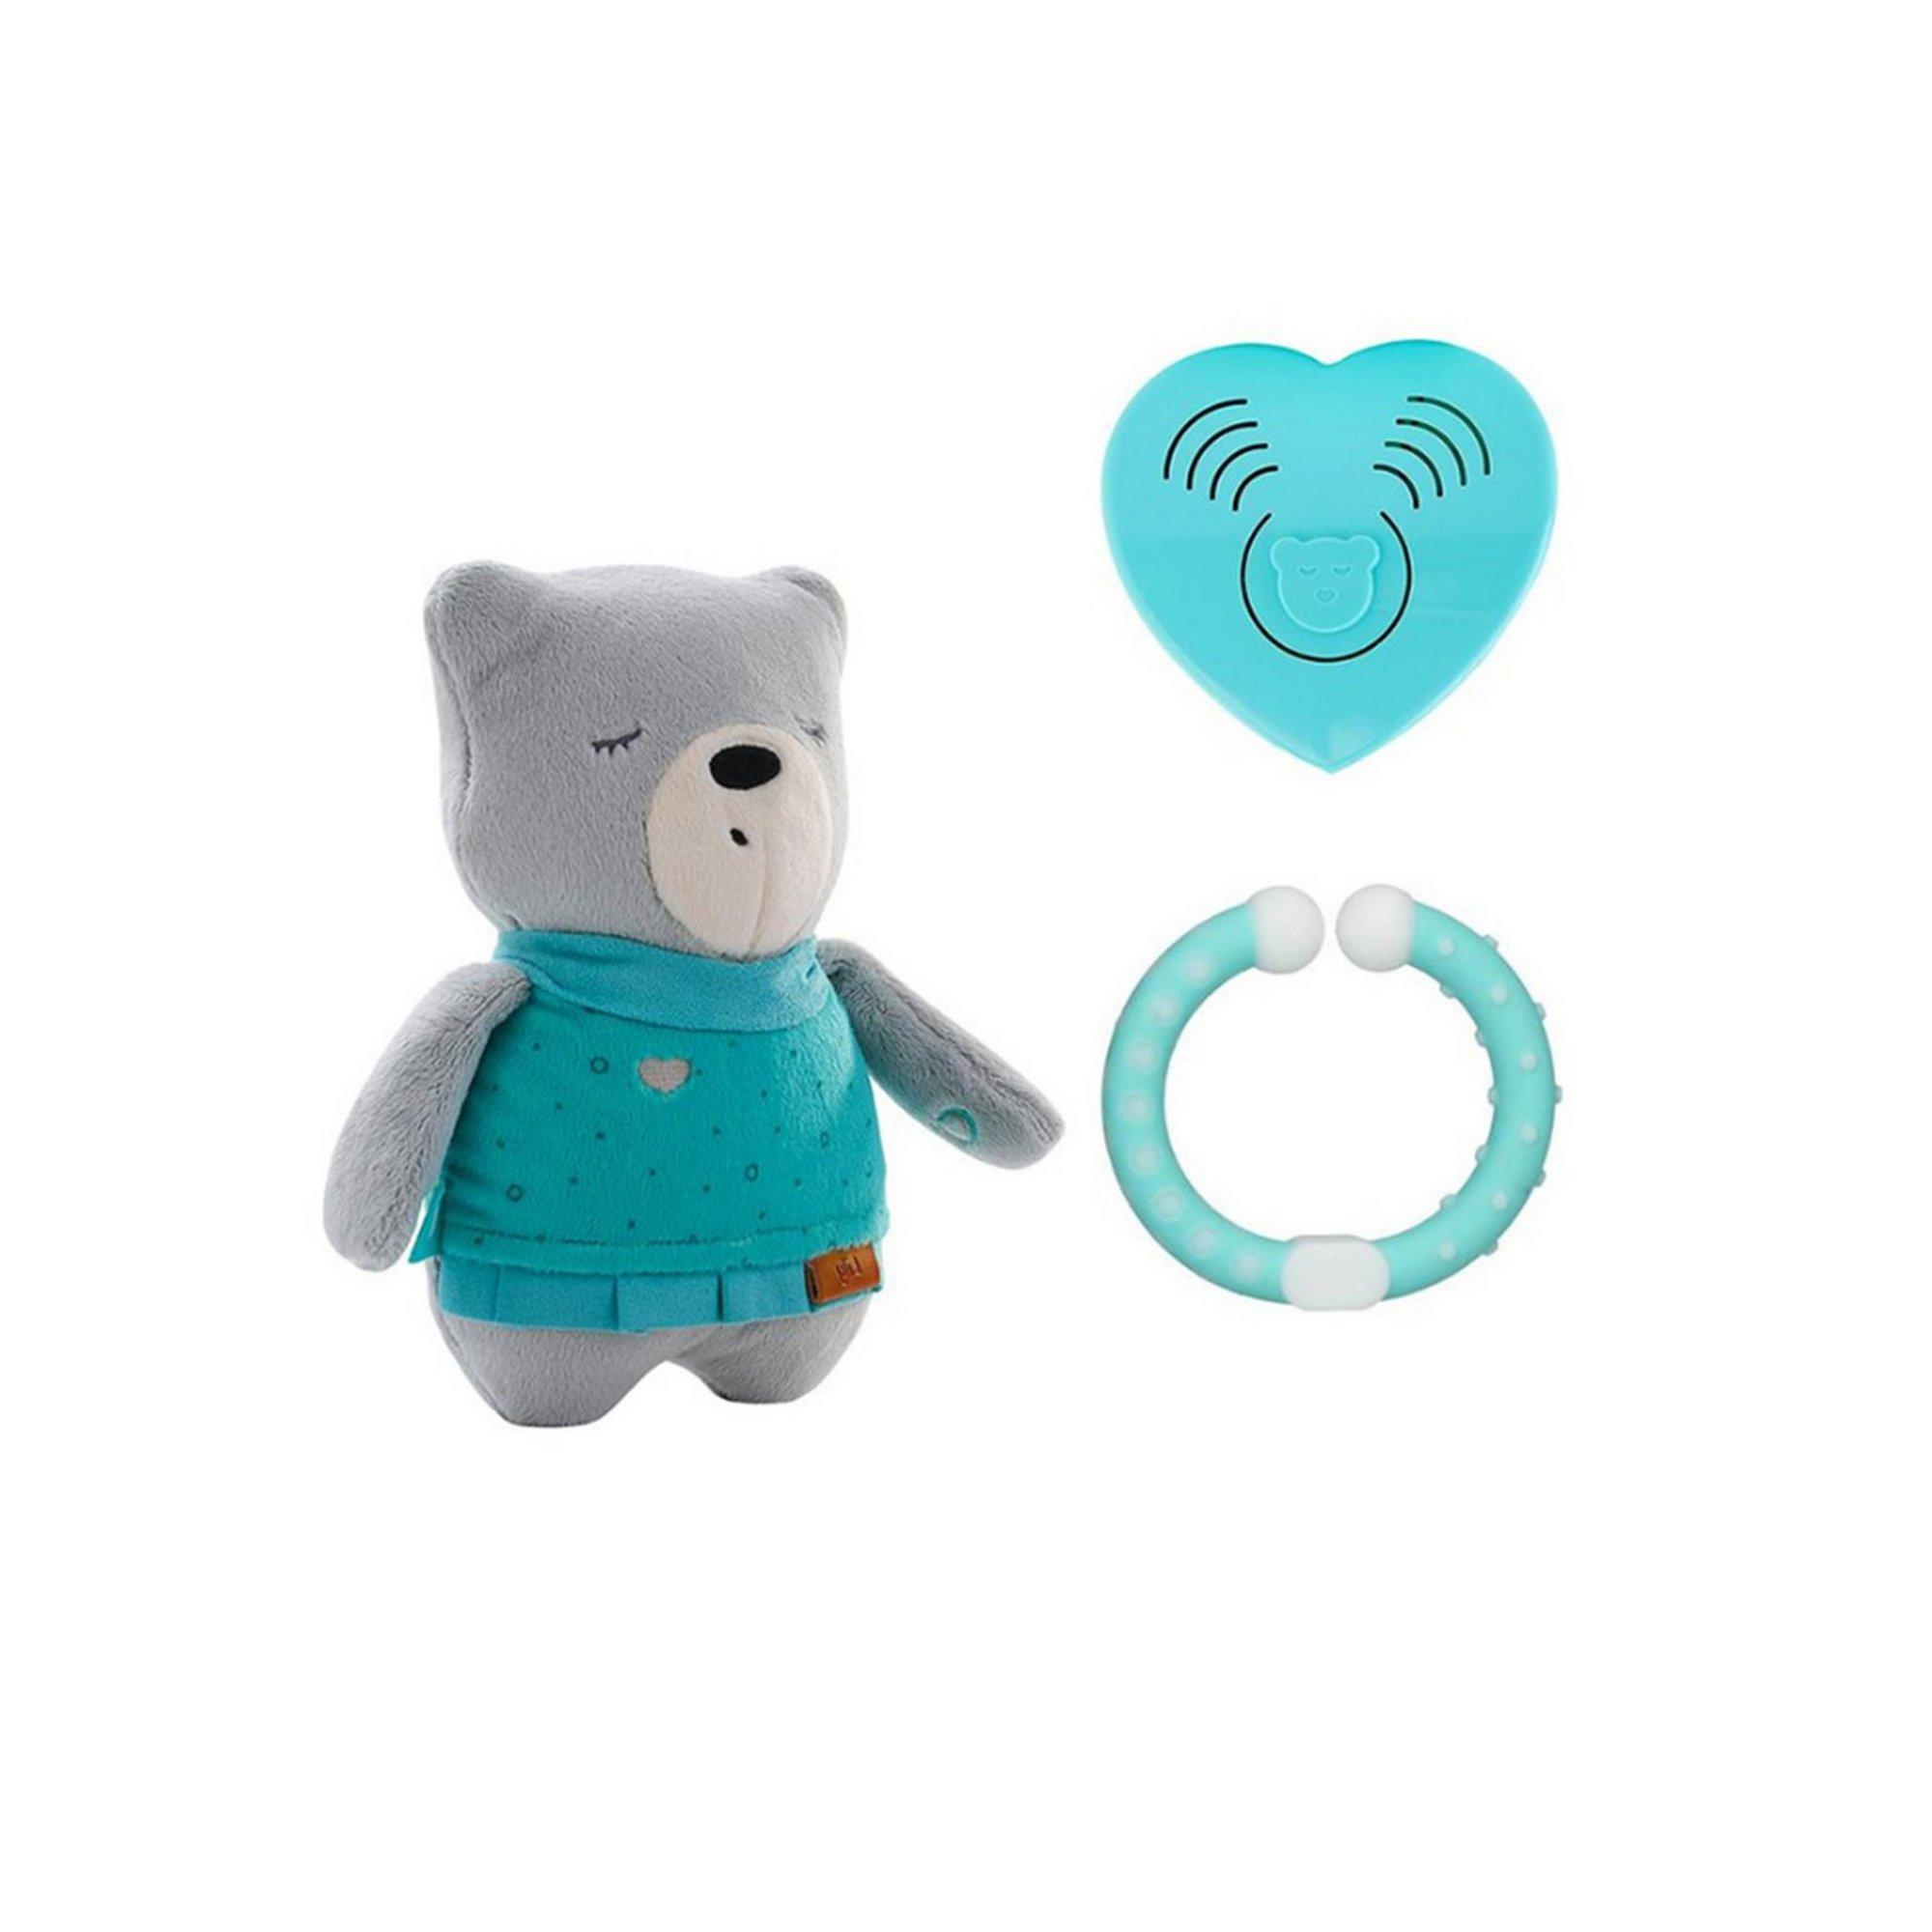 Image of myHummy - Lily with Sleep Sensor Sensory Heart